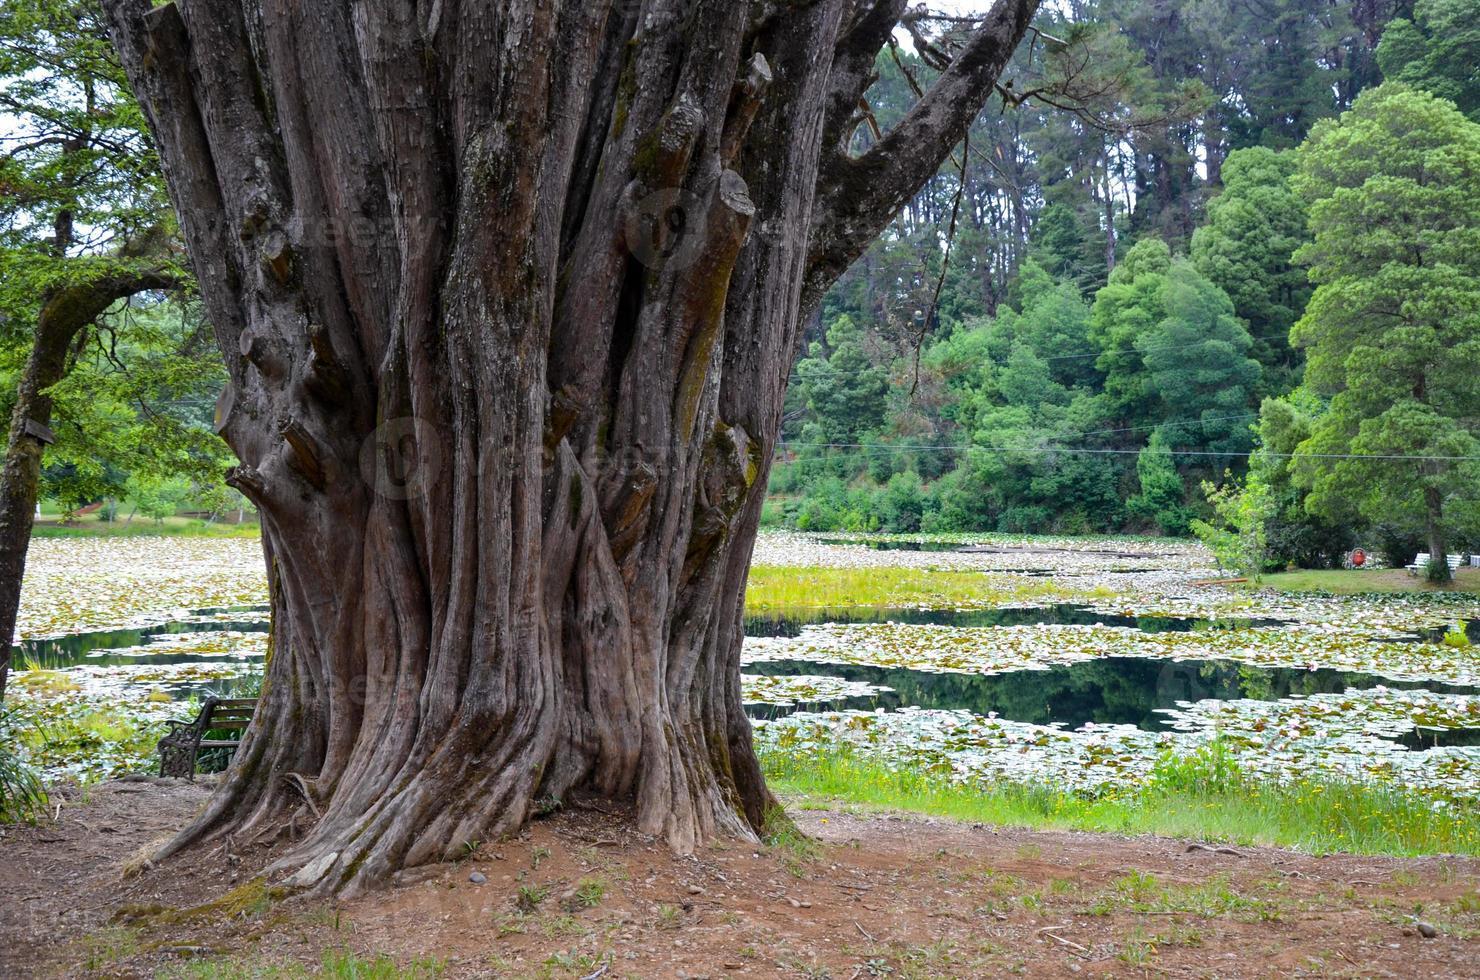 Árbol enorme con corteza desgastada cerca del lago en Valdivia, Chile foto